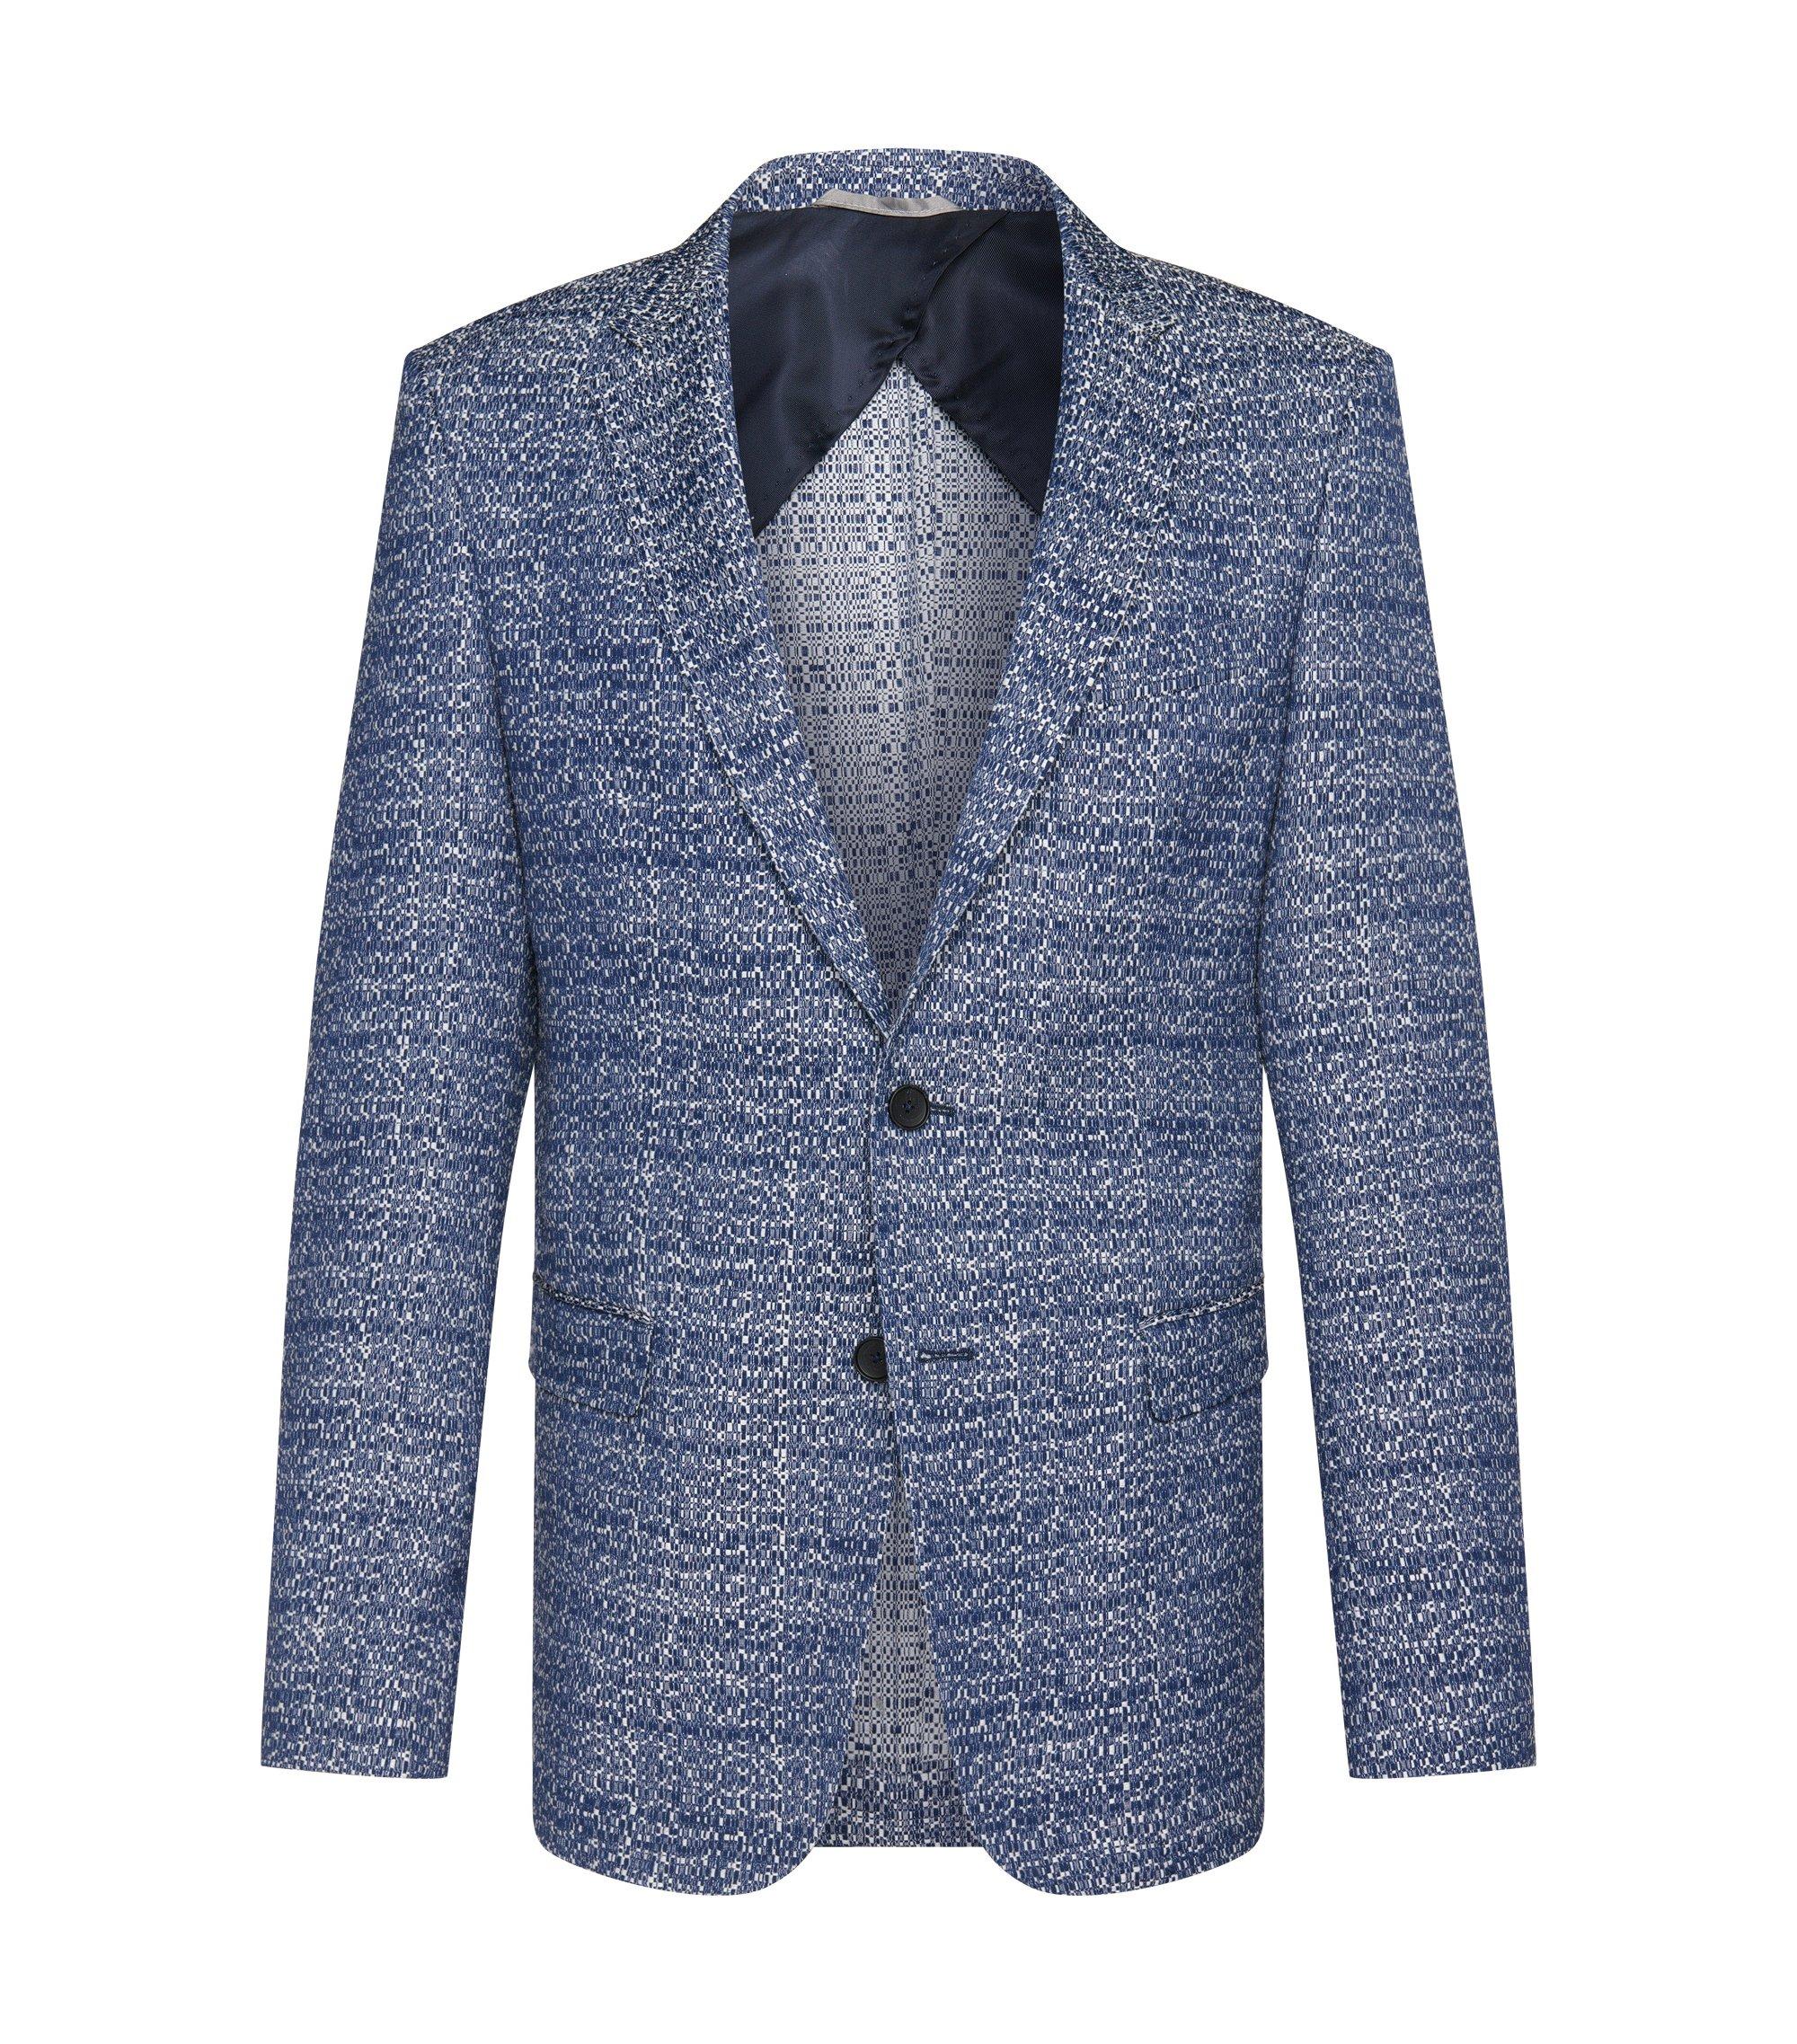 Cotton Blend Jacquard Sport Coat, Slim Fit   Nobis, Blue